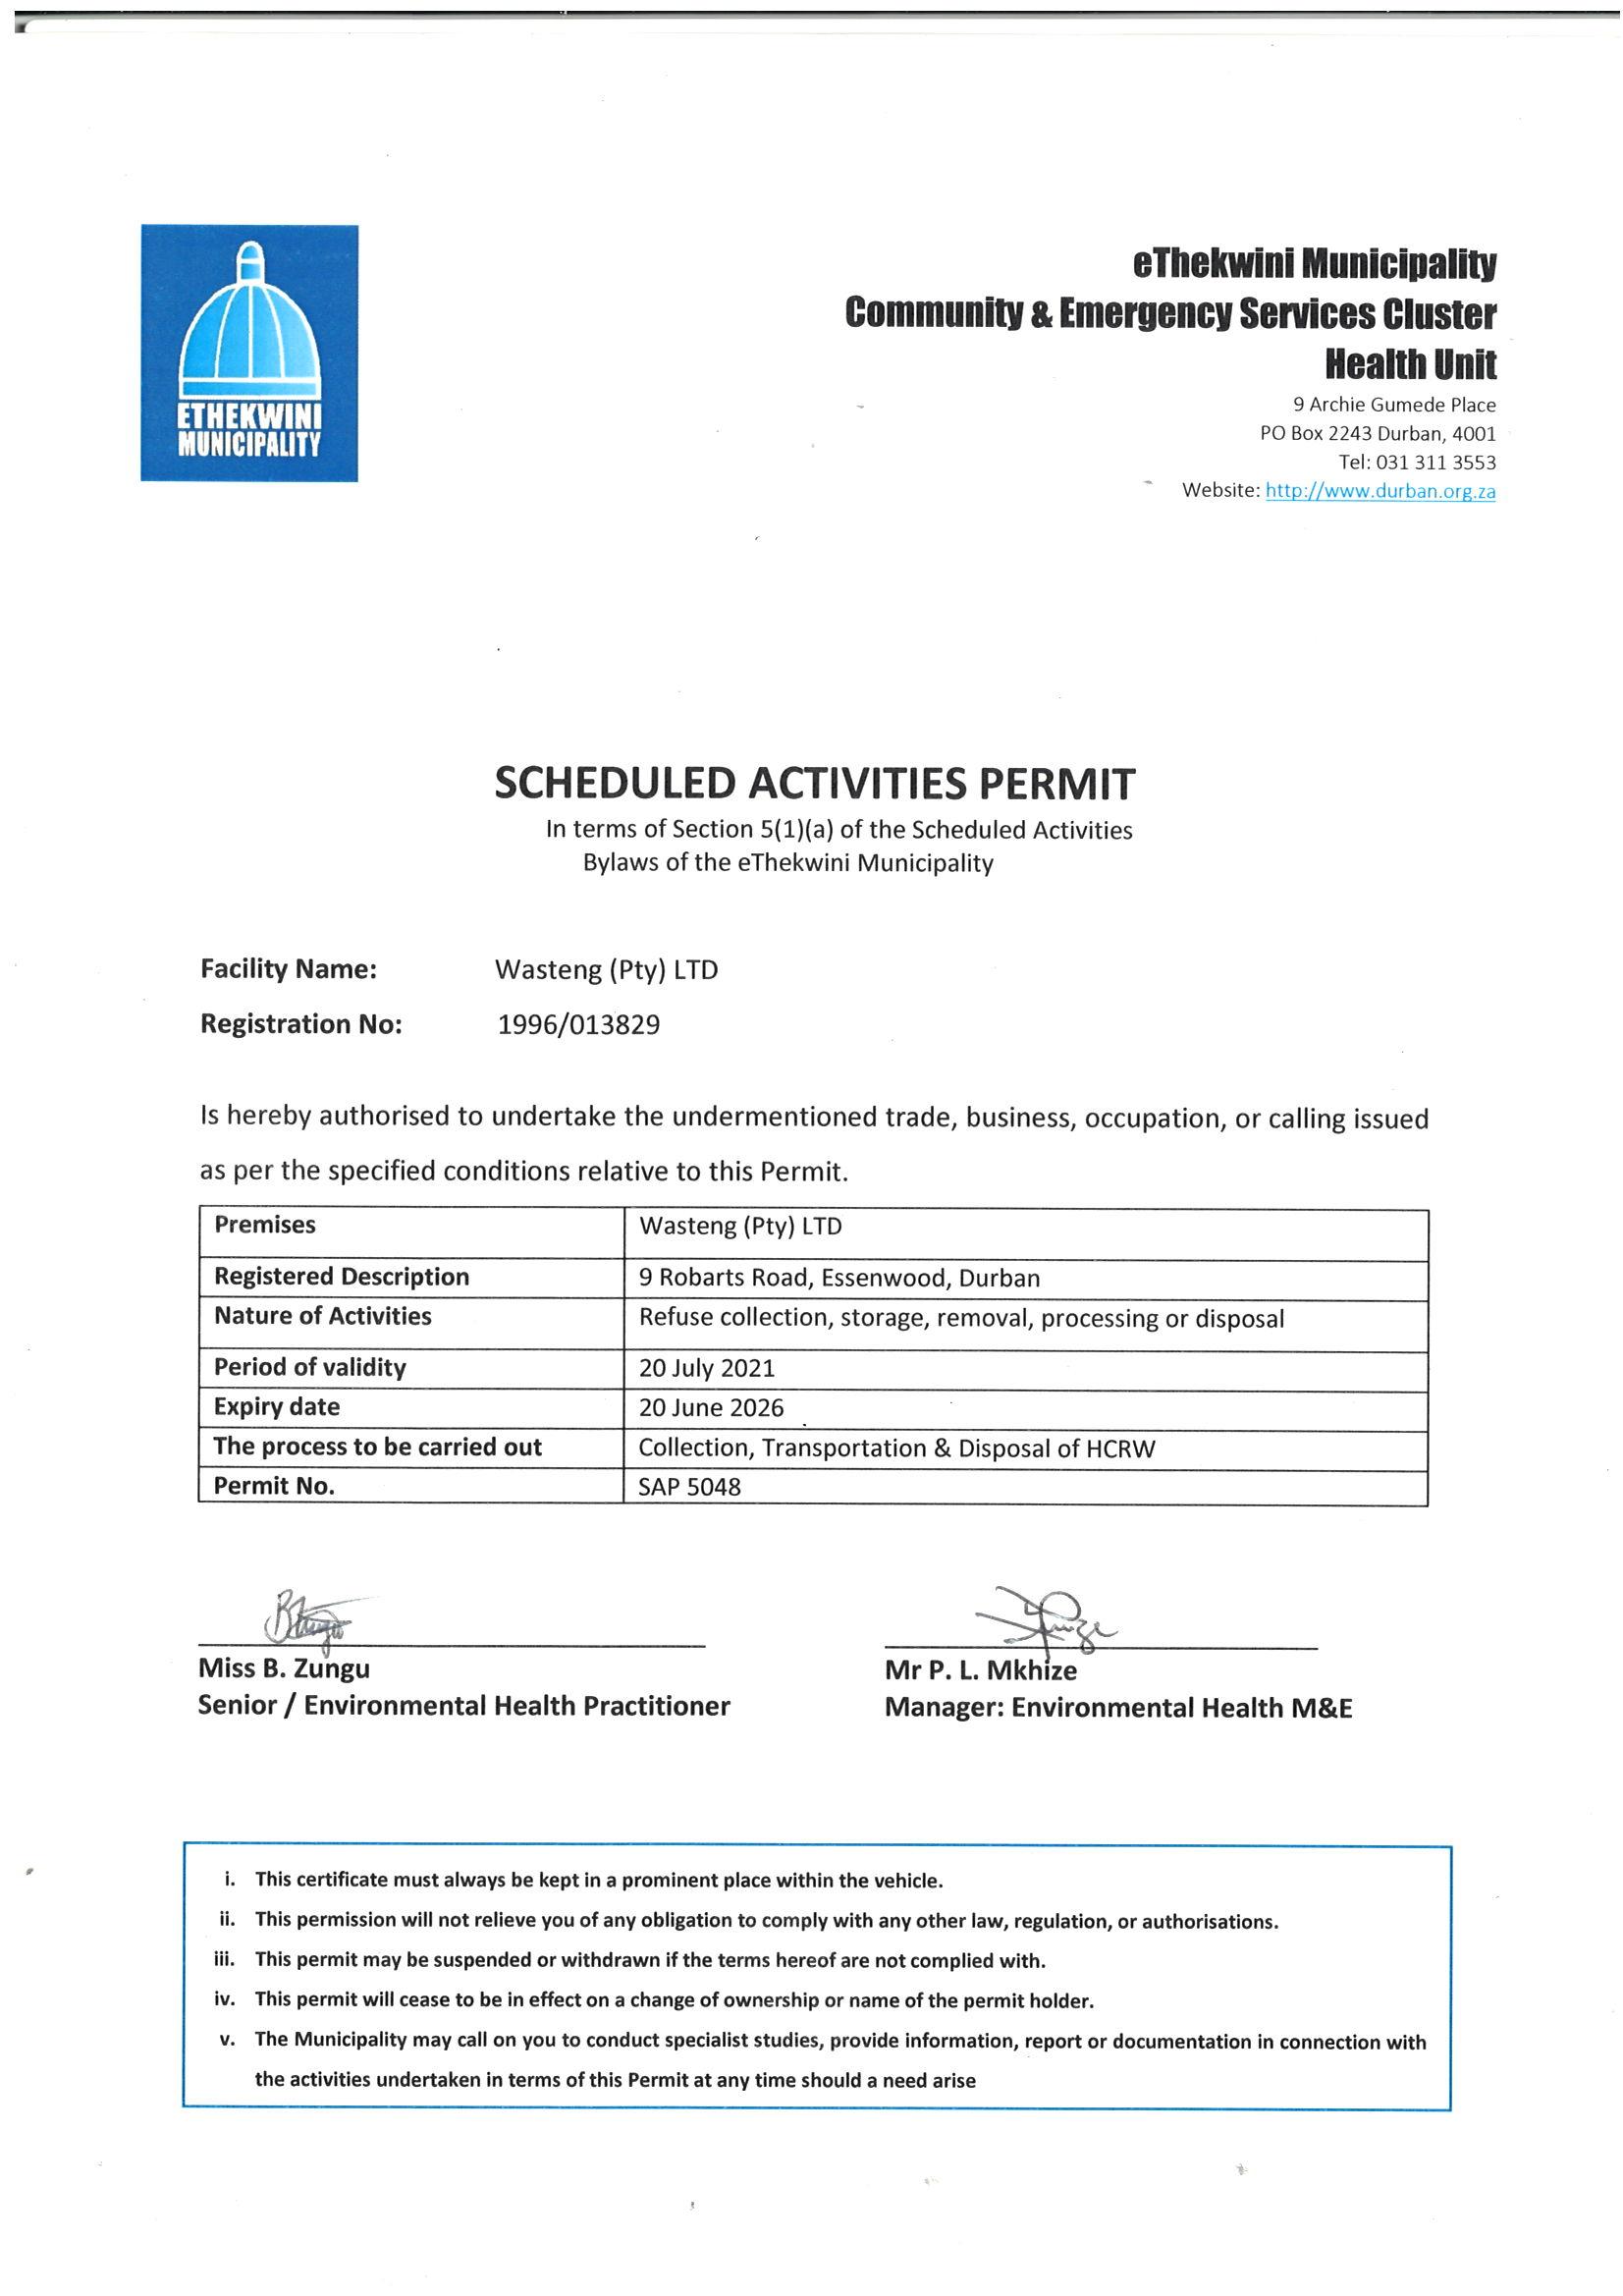 Ethekweni Municipality permit